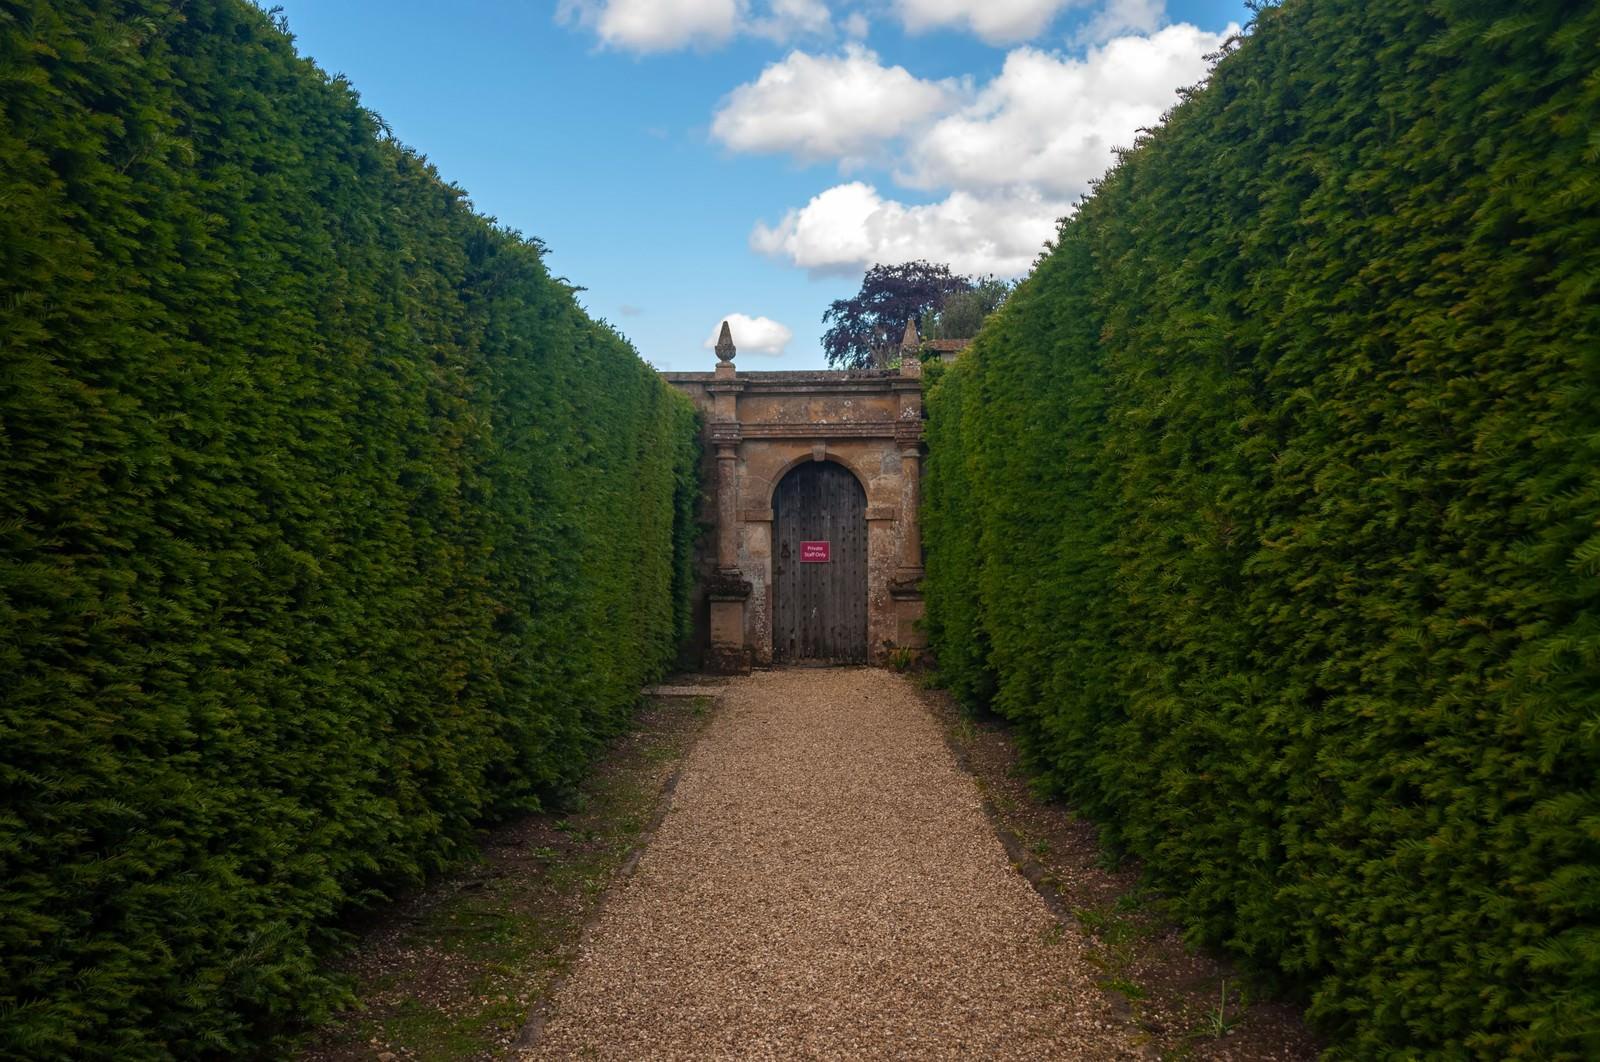 「スードリー城の公園スードリー城の公園」のフリー写真素材を拡大